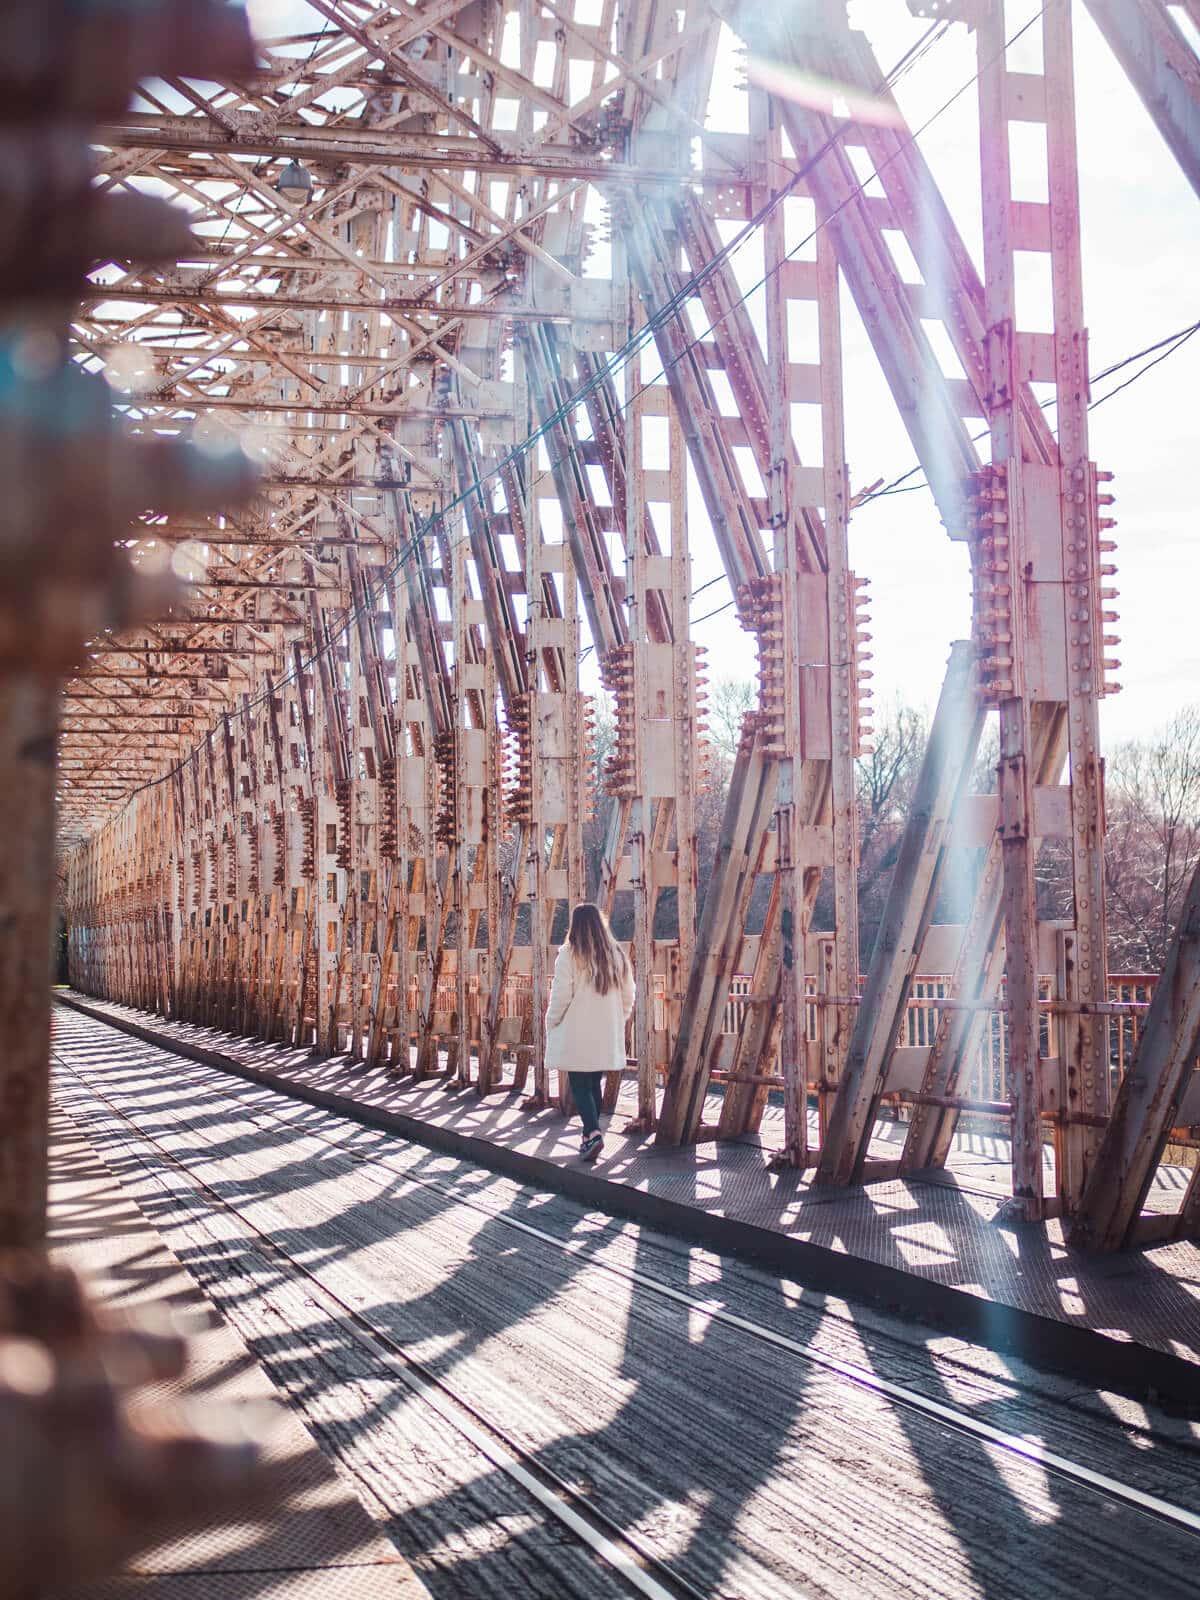 Budapest Instagrammable Places - K-Bridge at Hajógyári Island